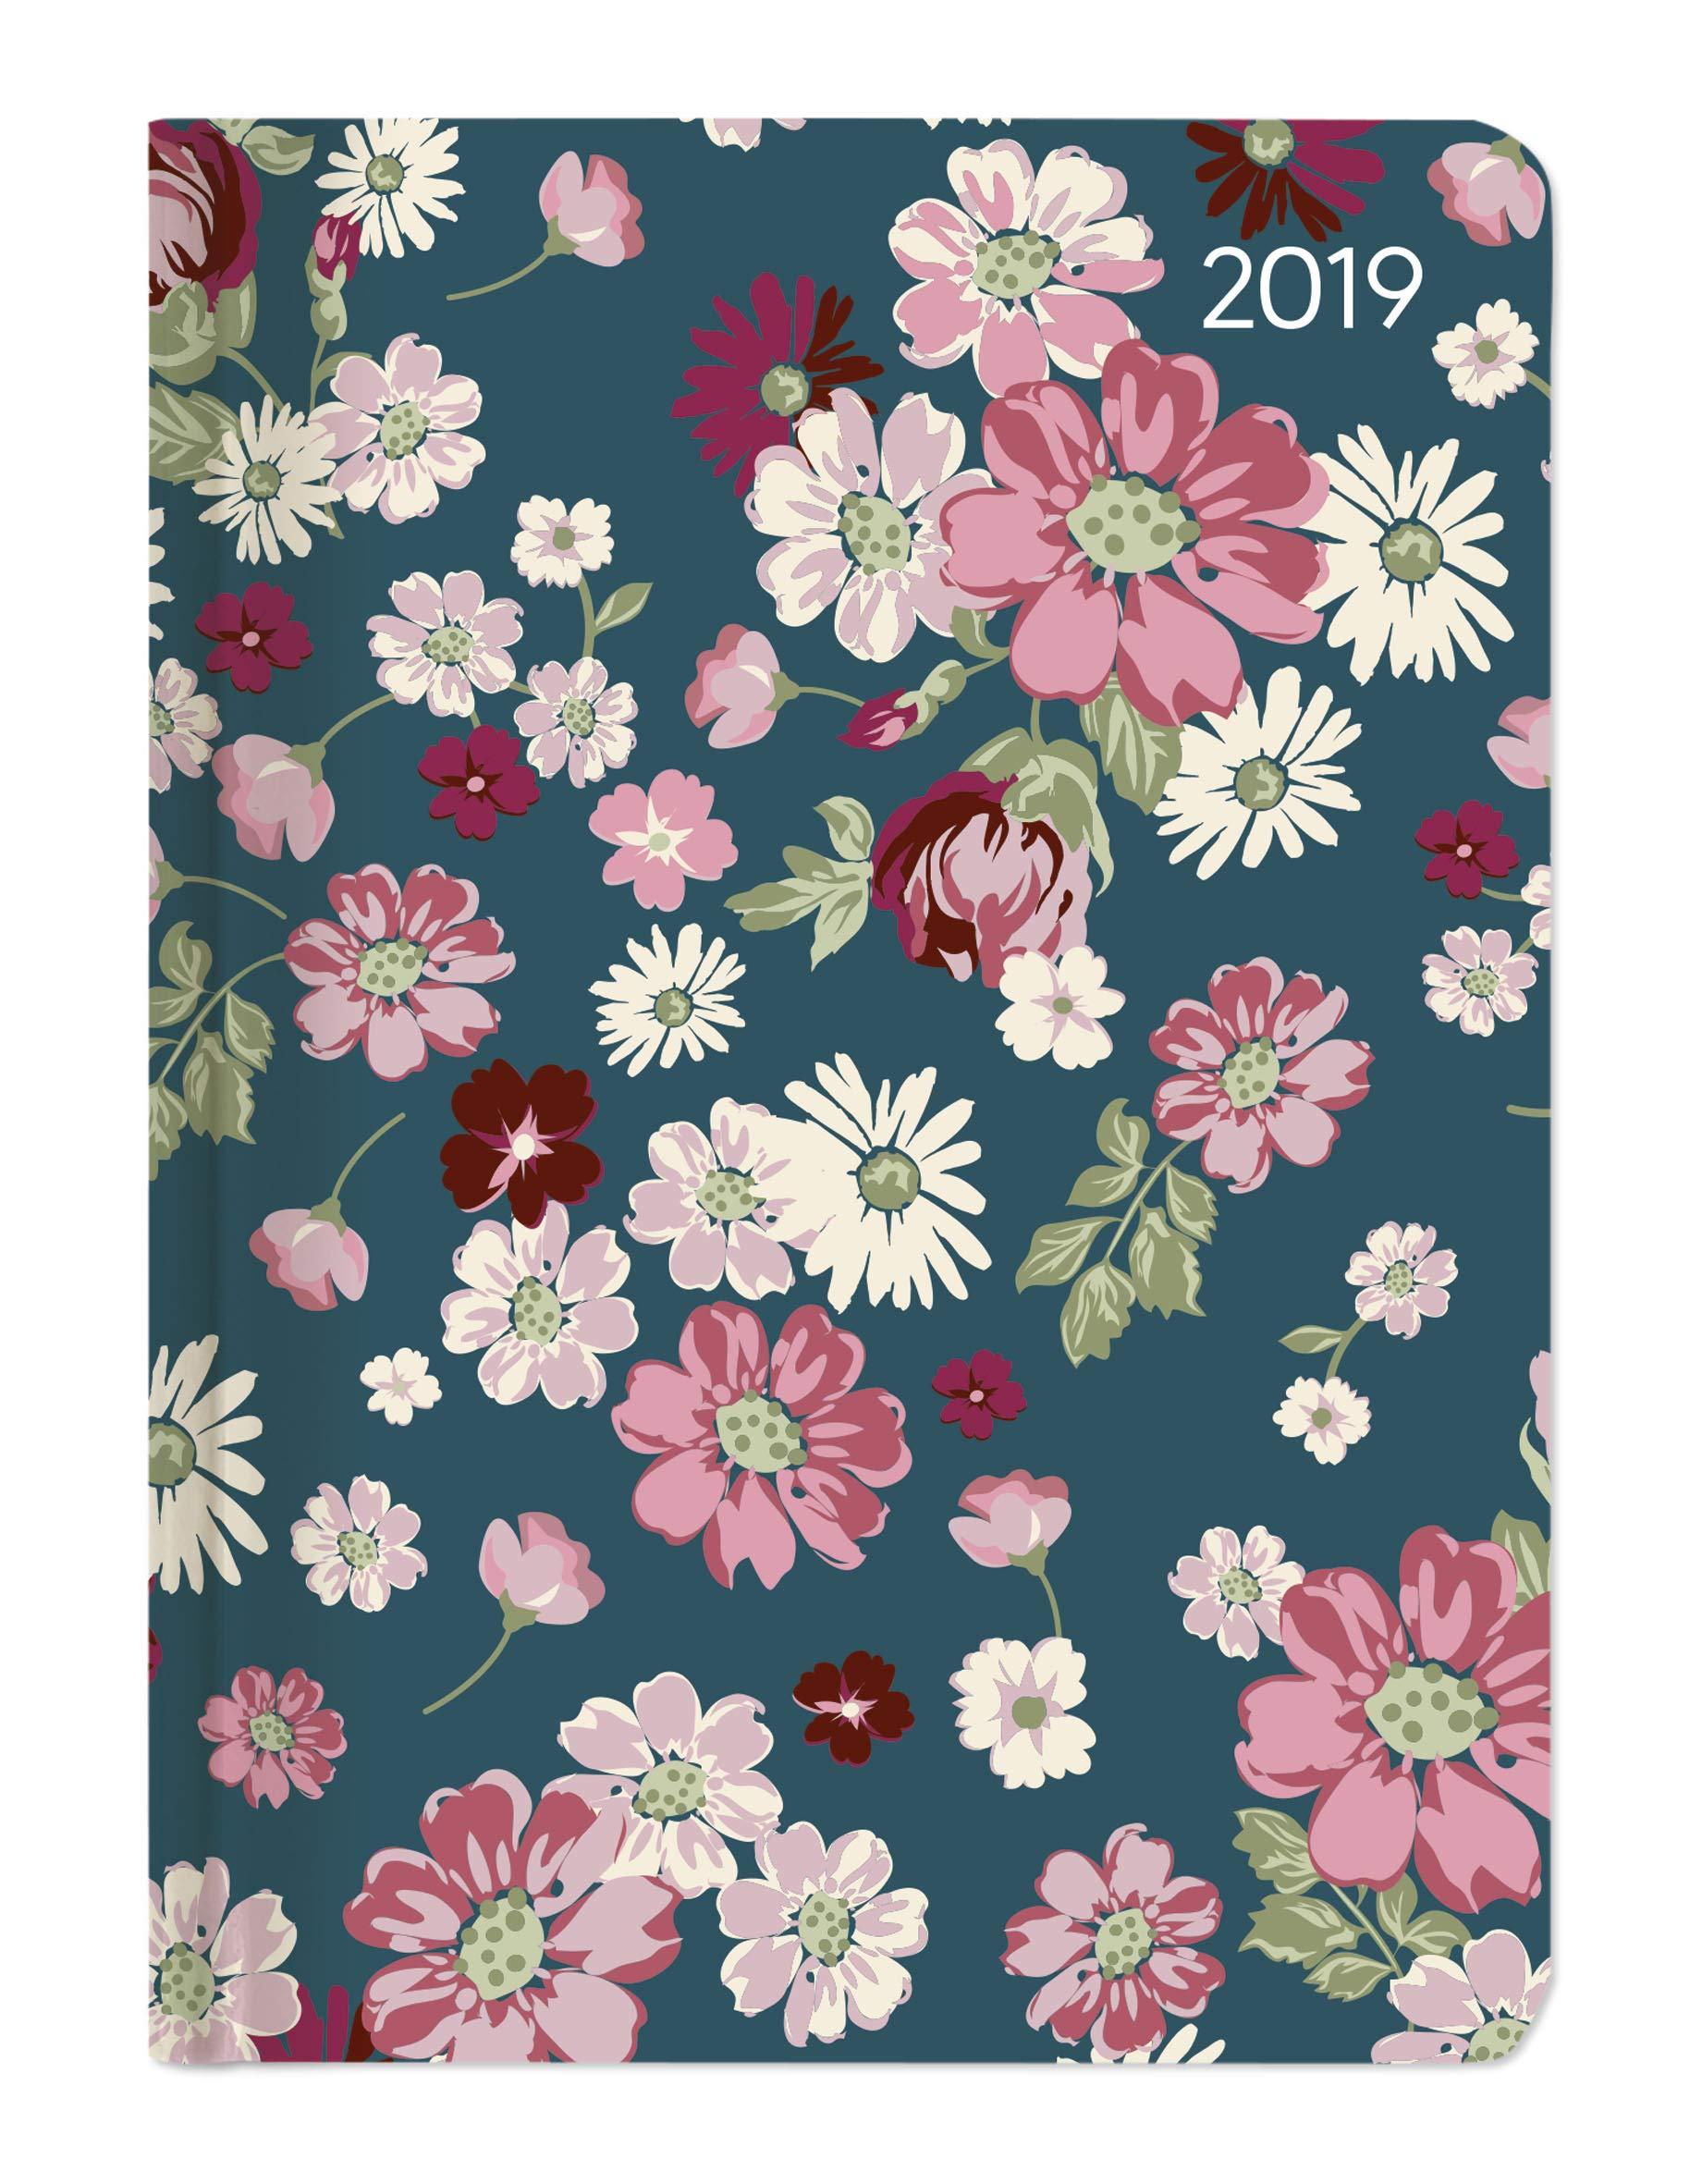 Ladytimer Flower Love 2019 Kalender – Terminkalender, 1. Juni 2018 ALPHA EDITION 384079840X 19.0840 für Frauen und/oder Mädchen